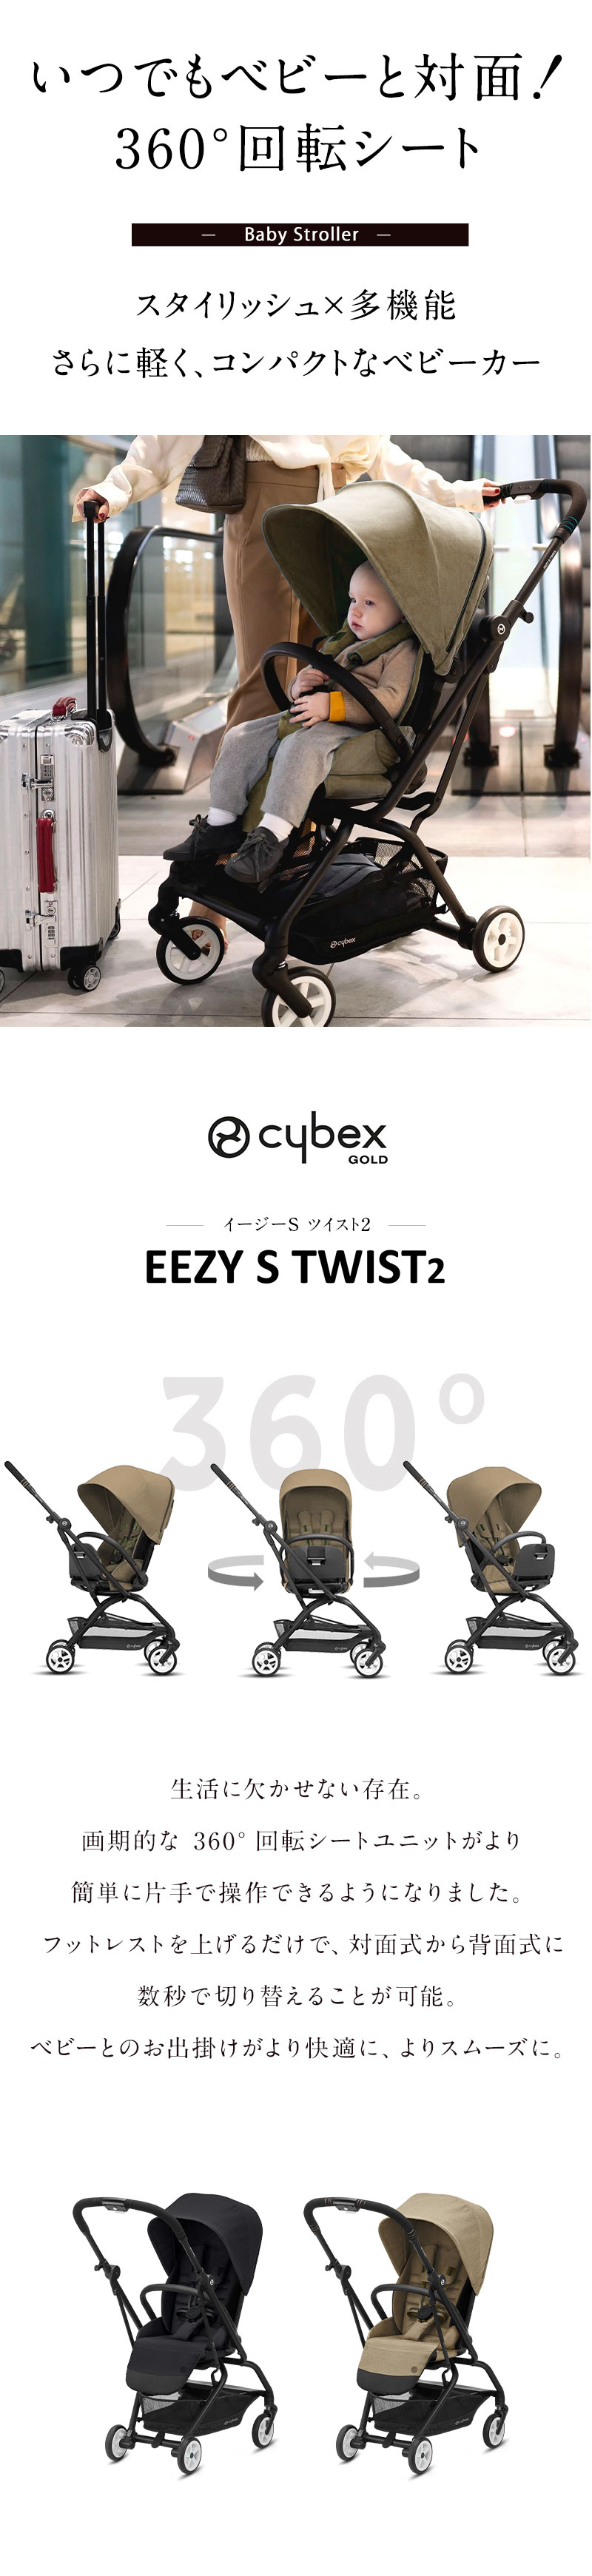 いつでもベビーと対面可能!360°回転シート サイベックス イージーS ツイスト2 ベビーカー